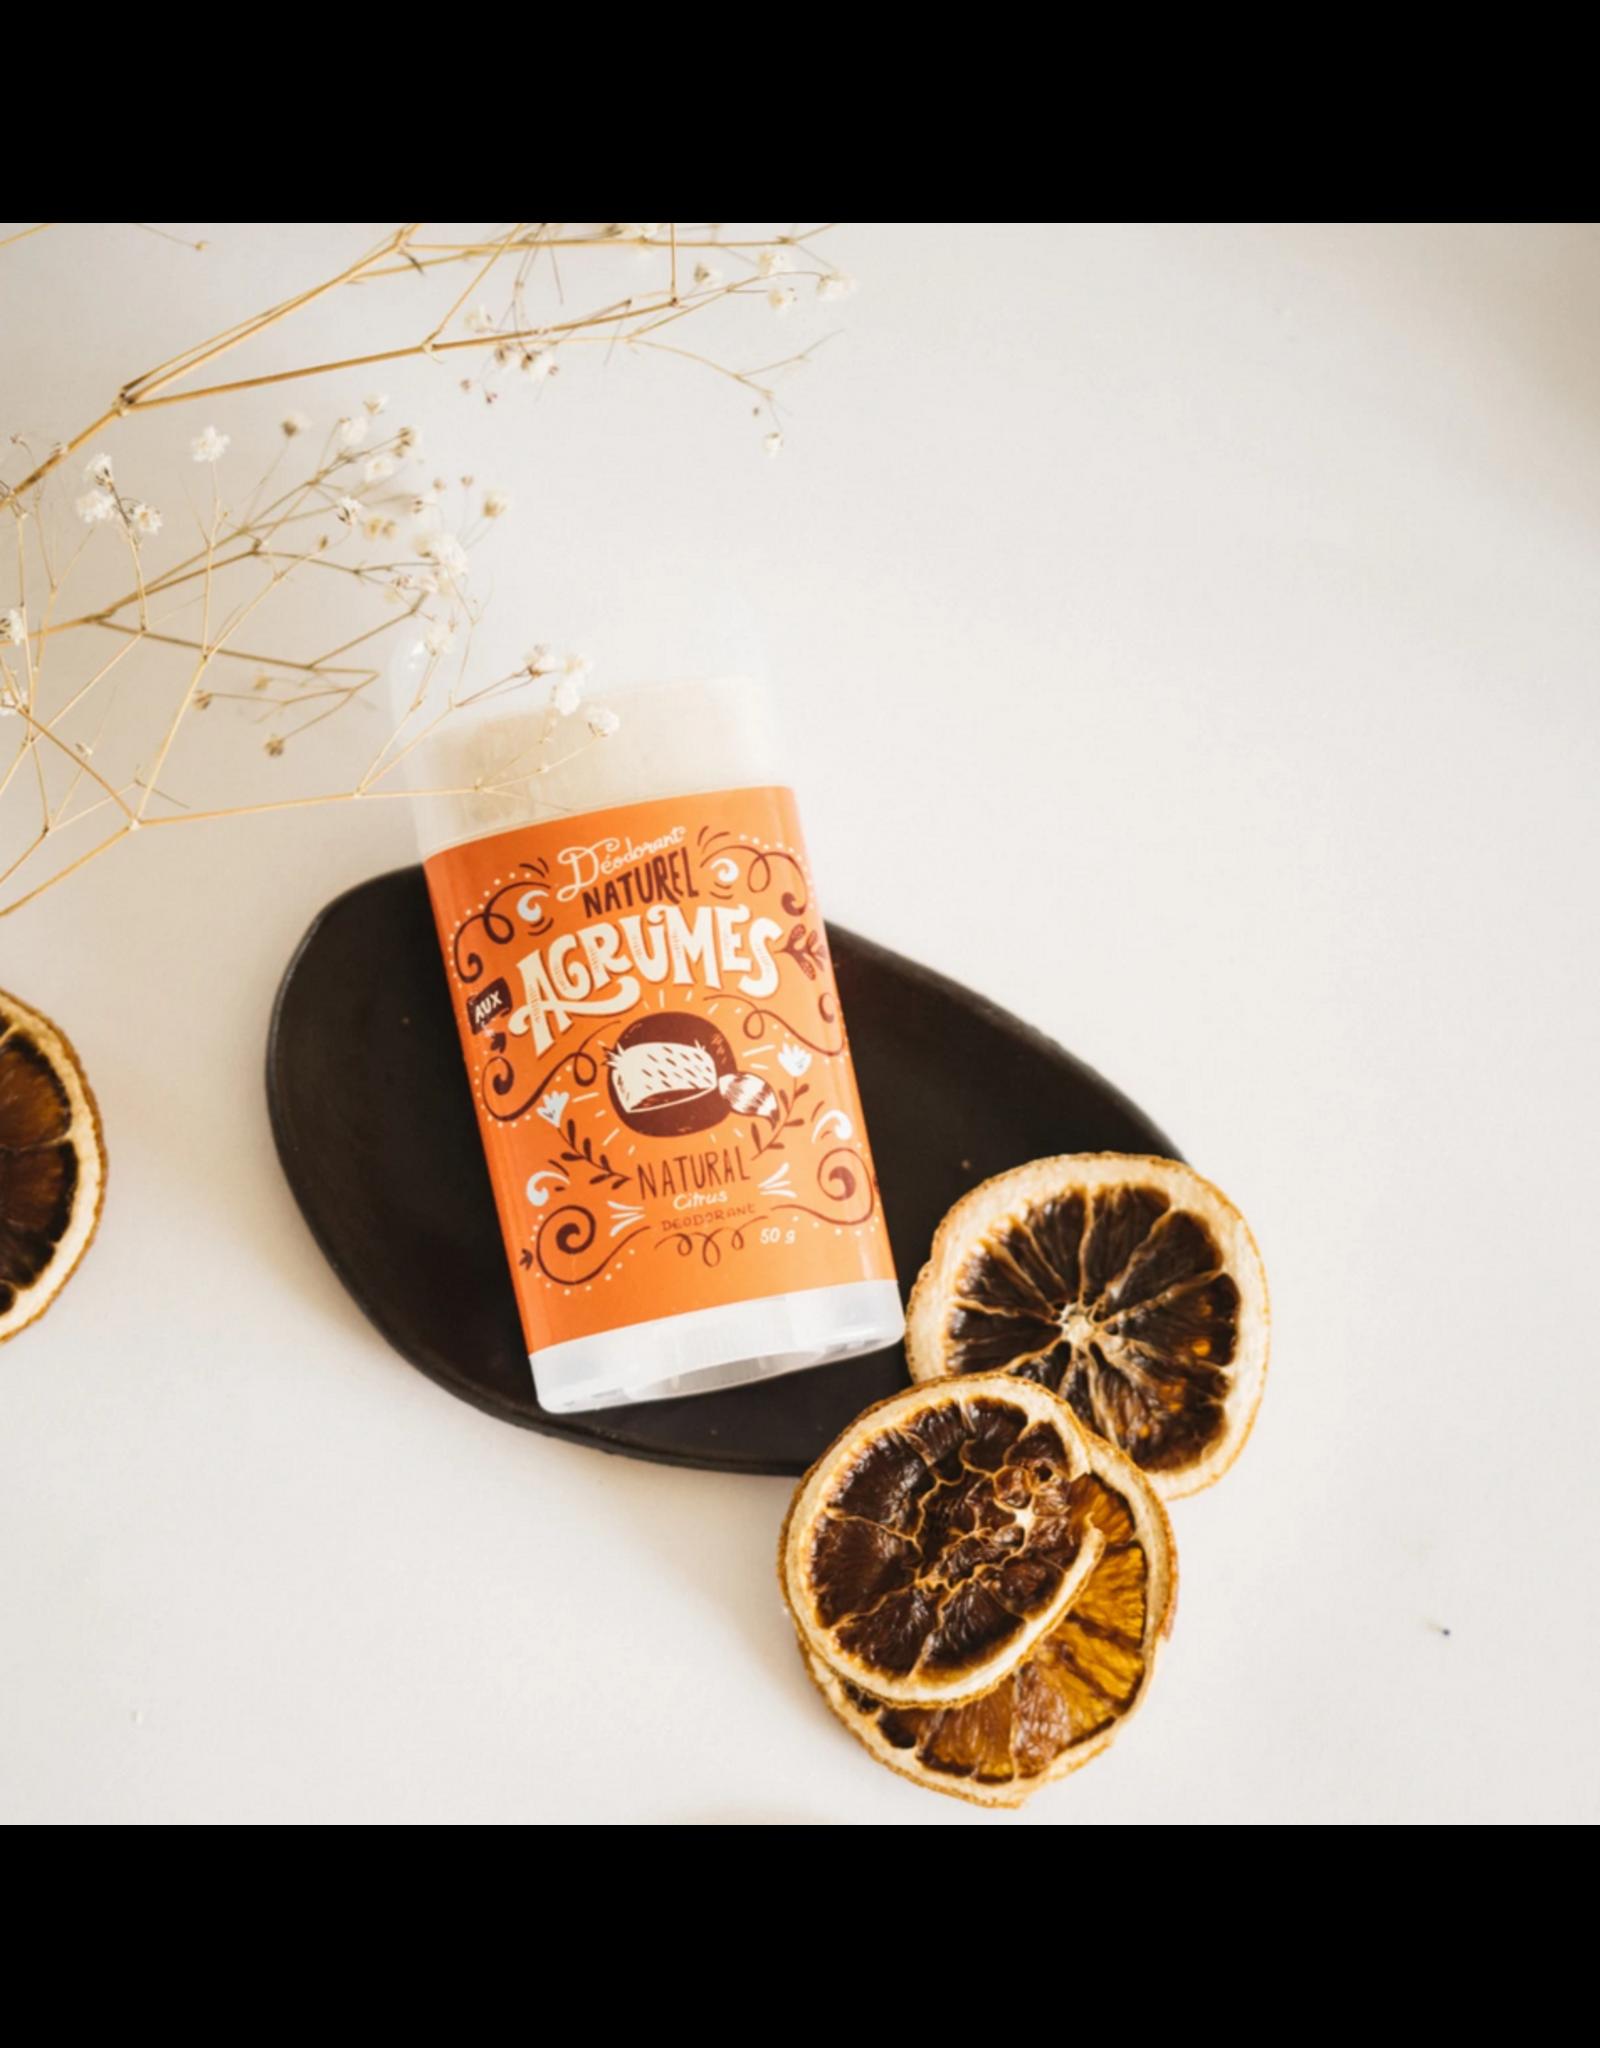 SIE - Natural Deodorant Stick Citrus